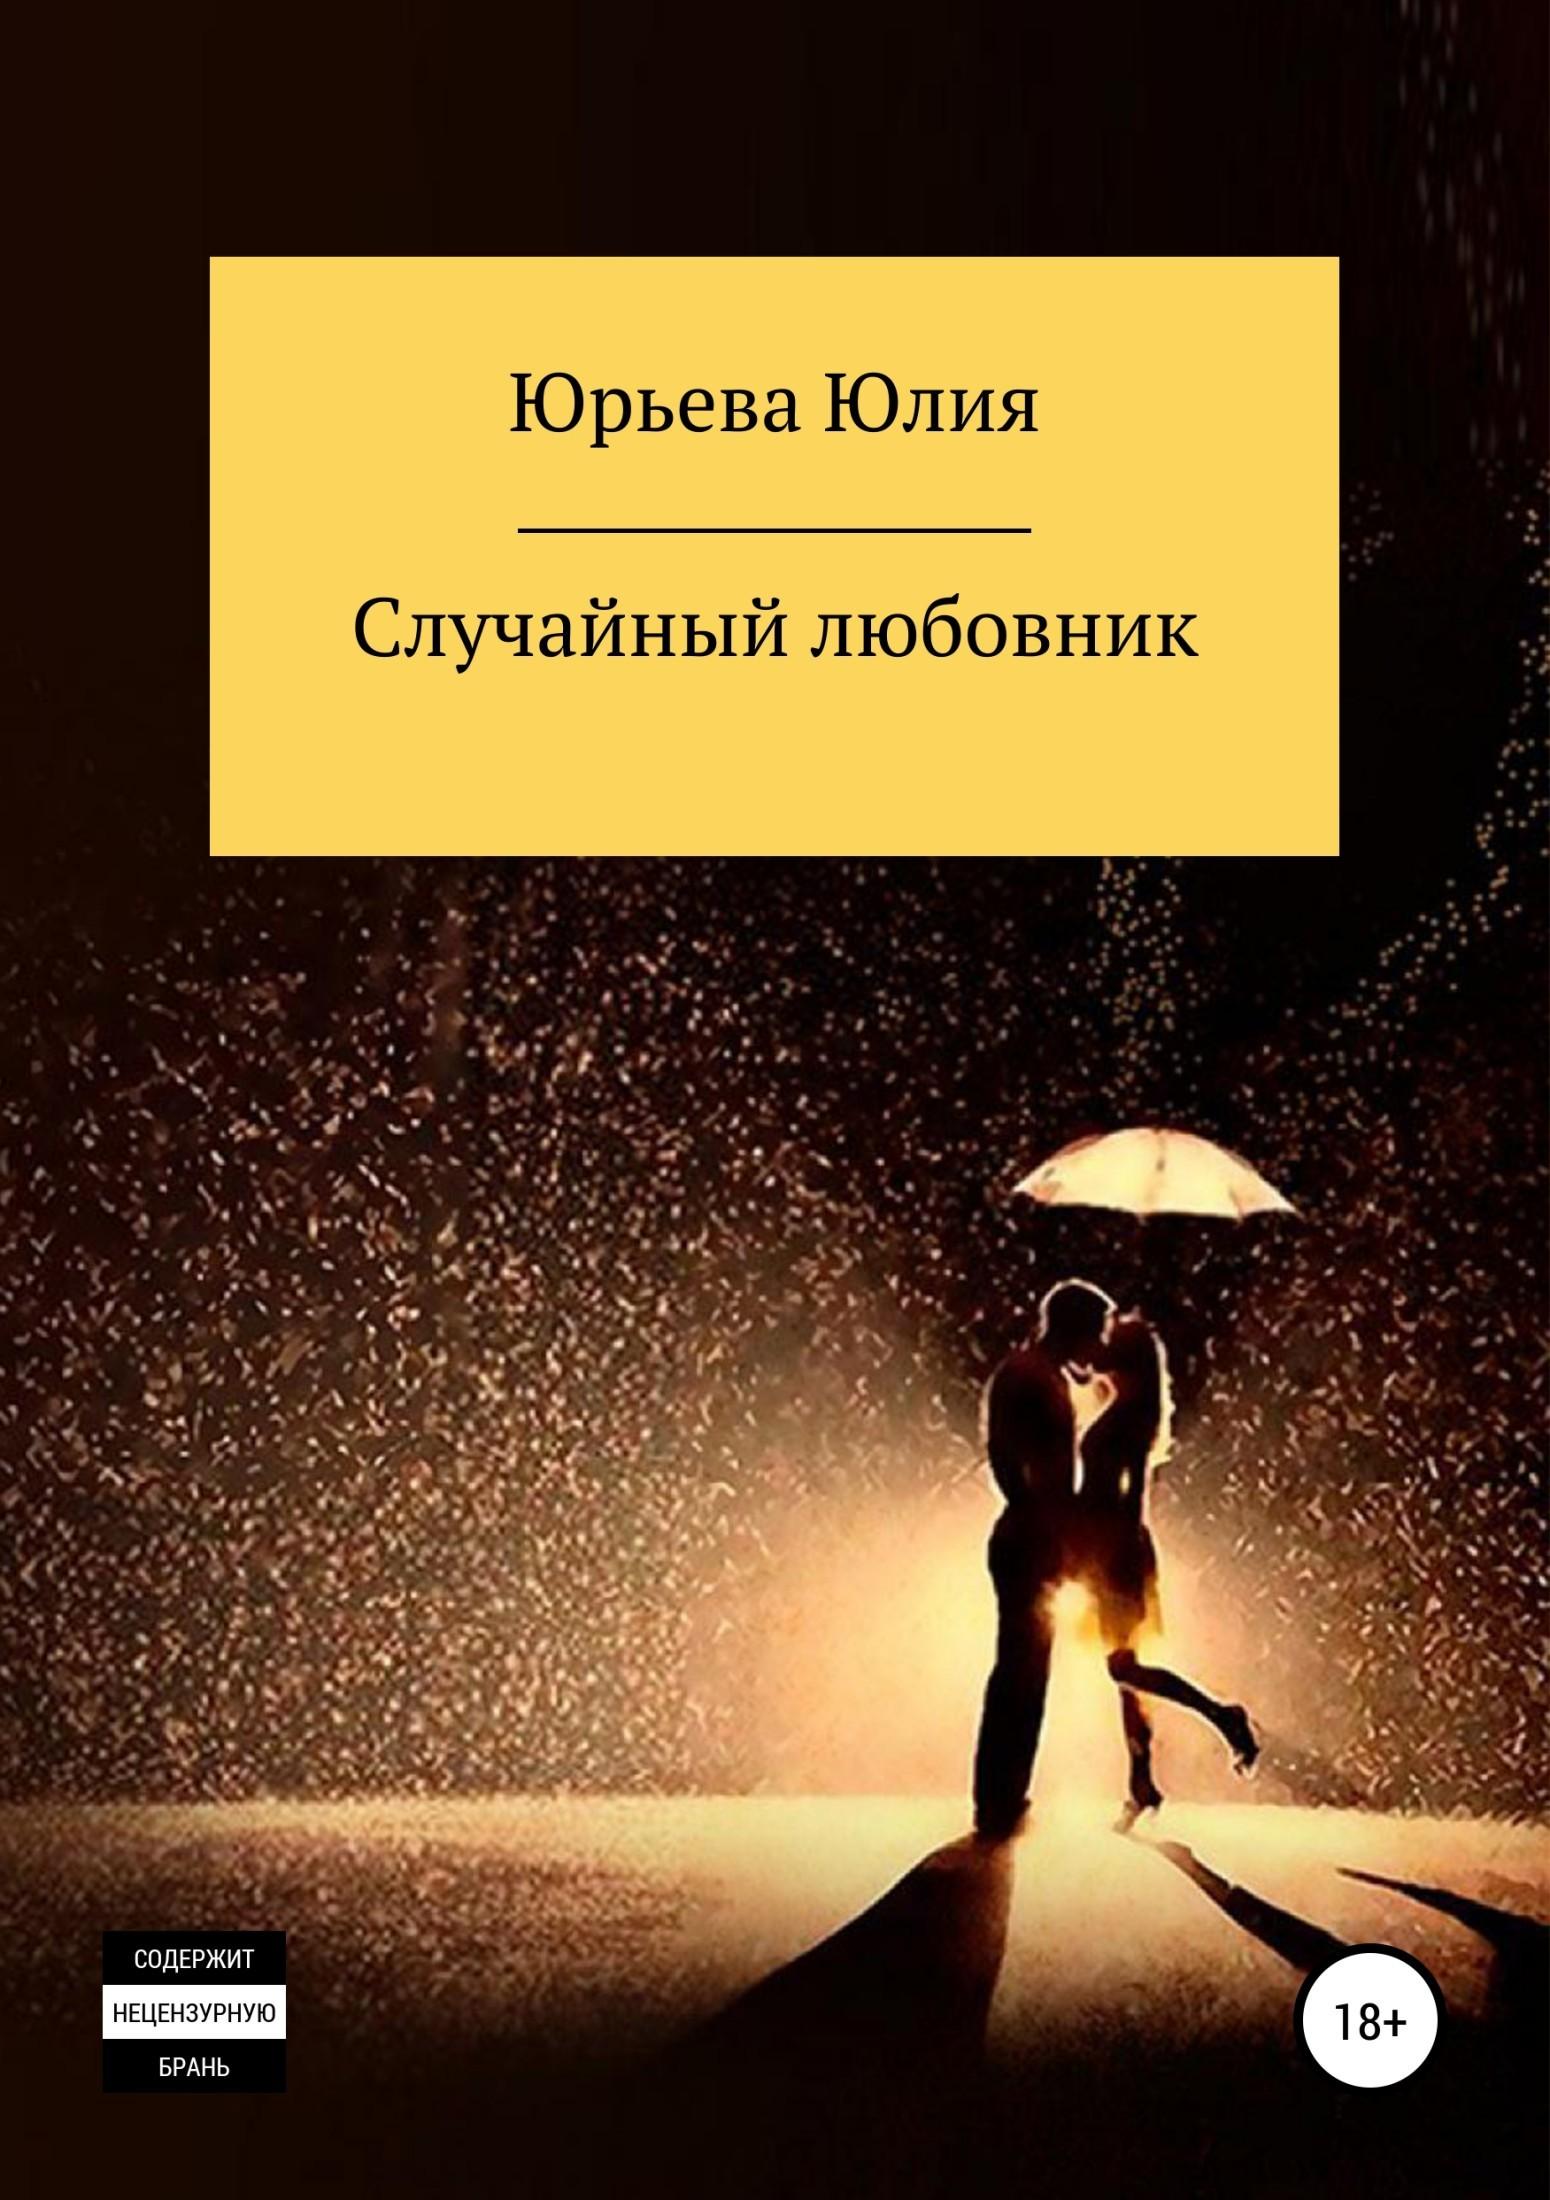 Юлия Юрьева - Случайный любовник